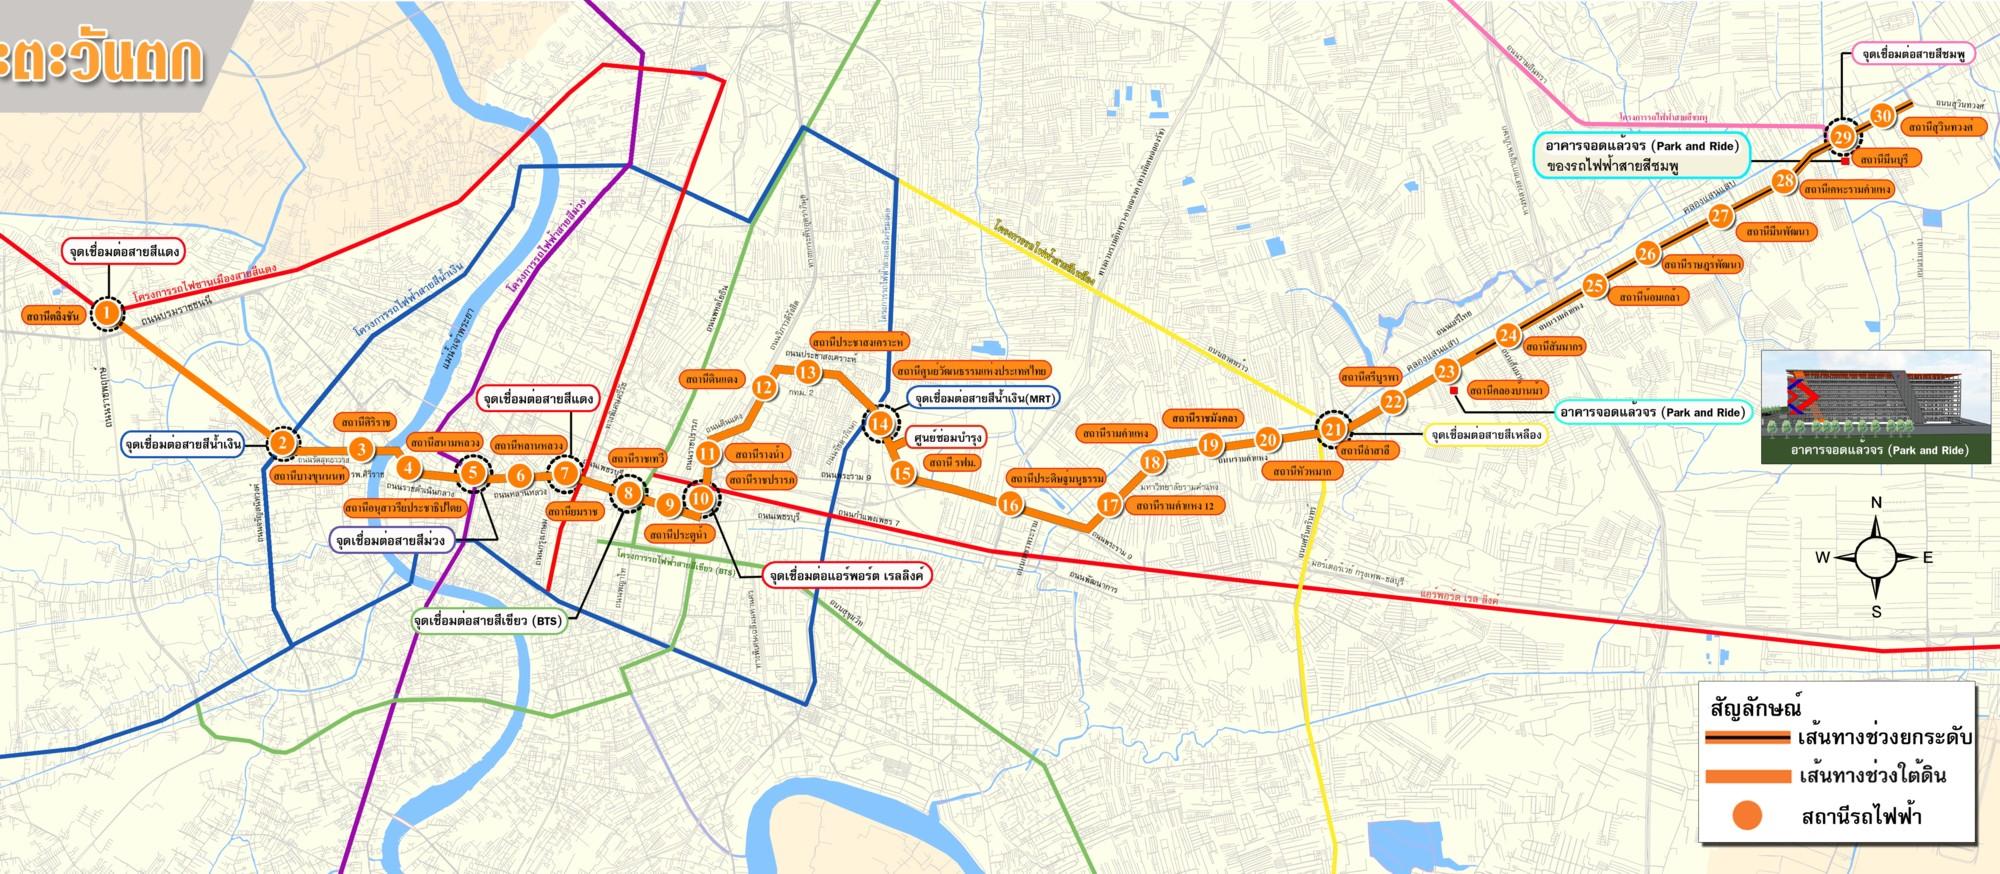 Bangkok metro orange line